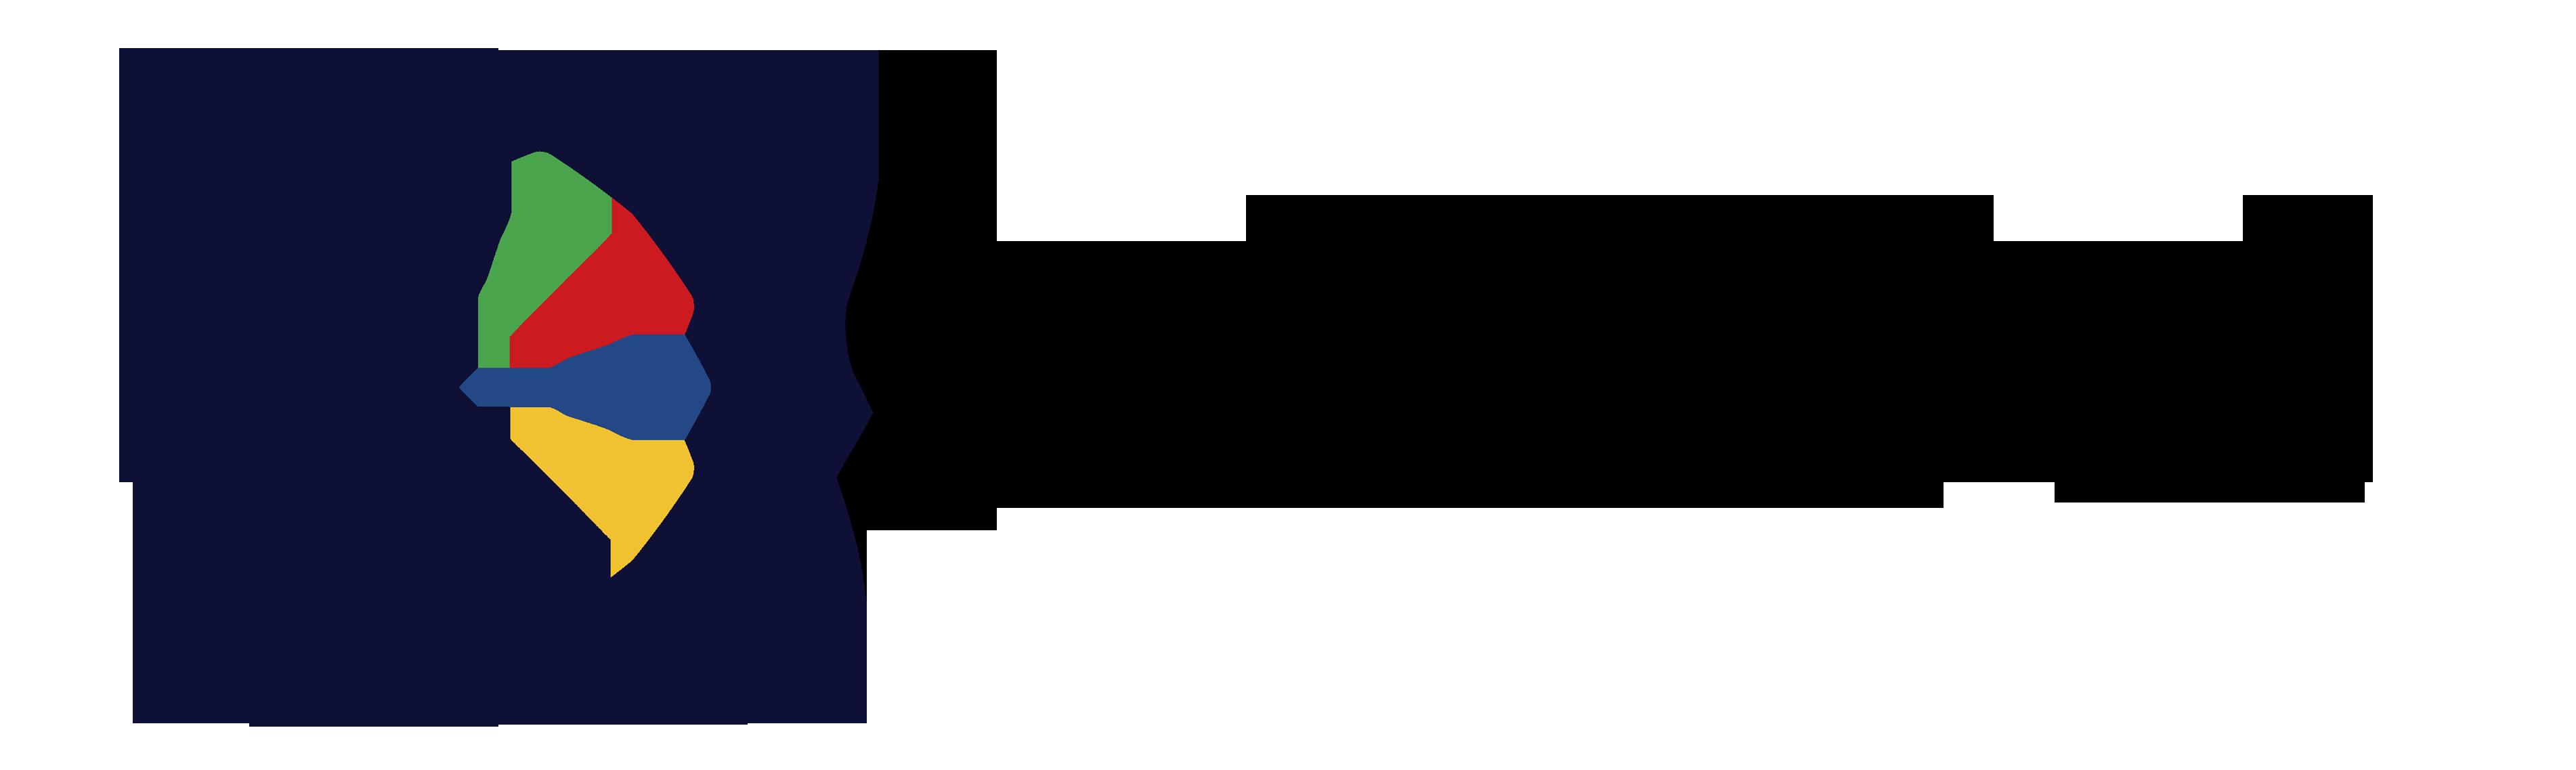 Kiwifarm Srl